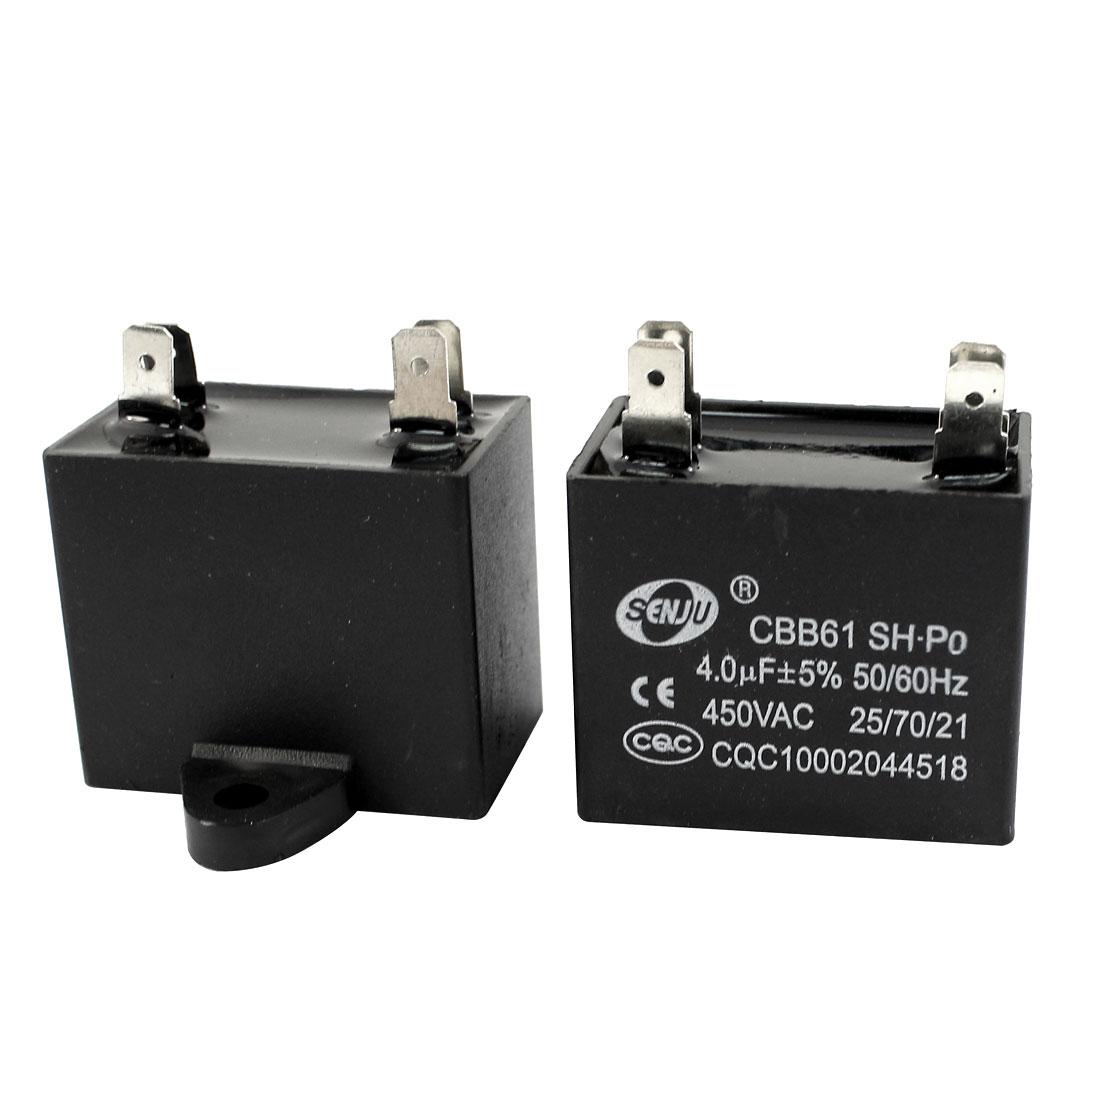 2 Pcs AC 450V 4uF 5% Tolerance 4 Pin Non Polar Polypropylene Film Air Conditioner Motor Running Capacitor Black